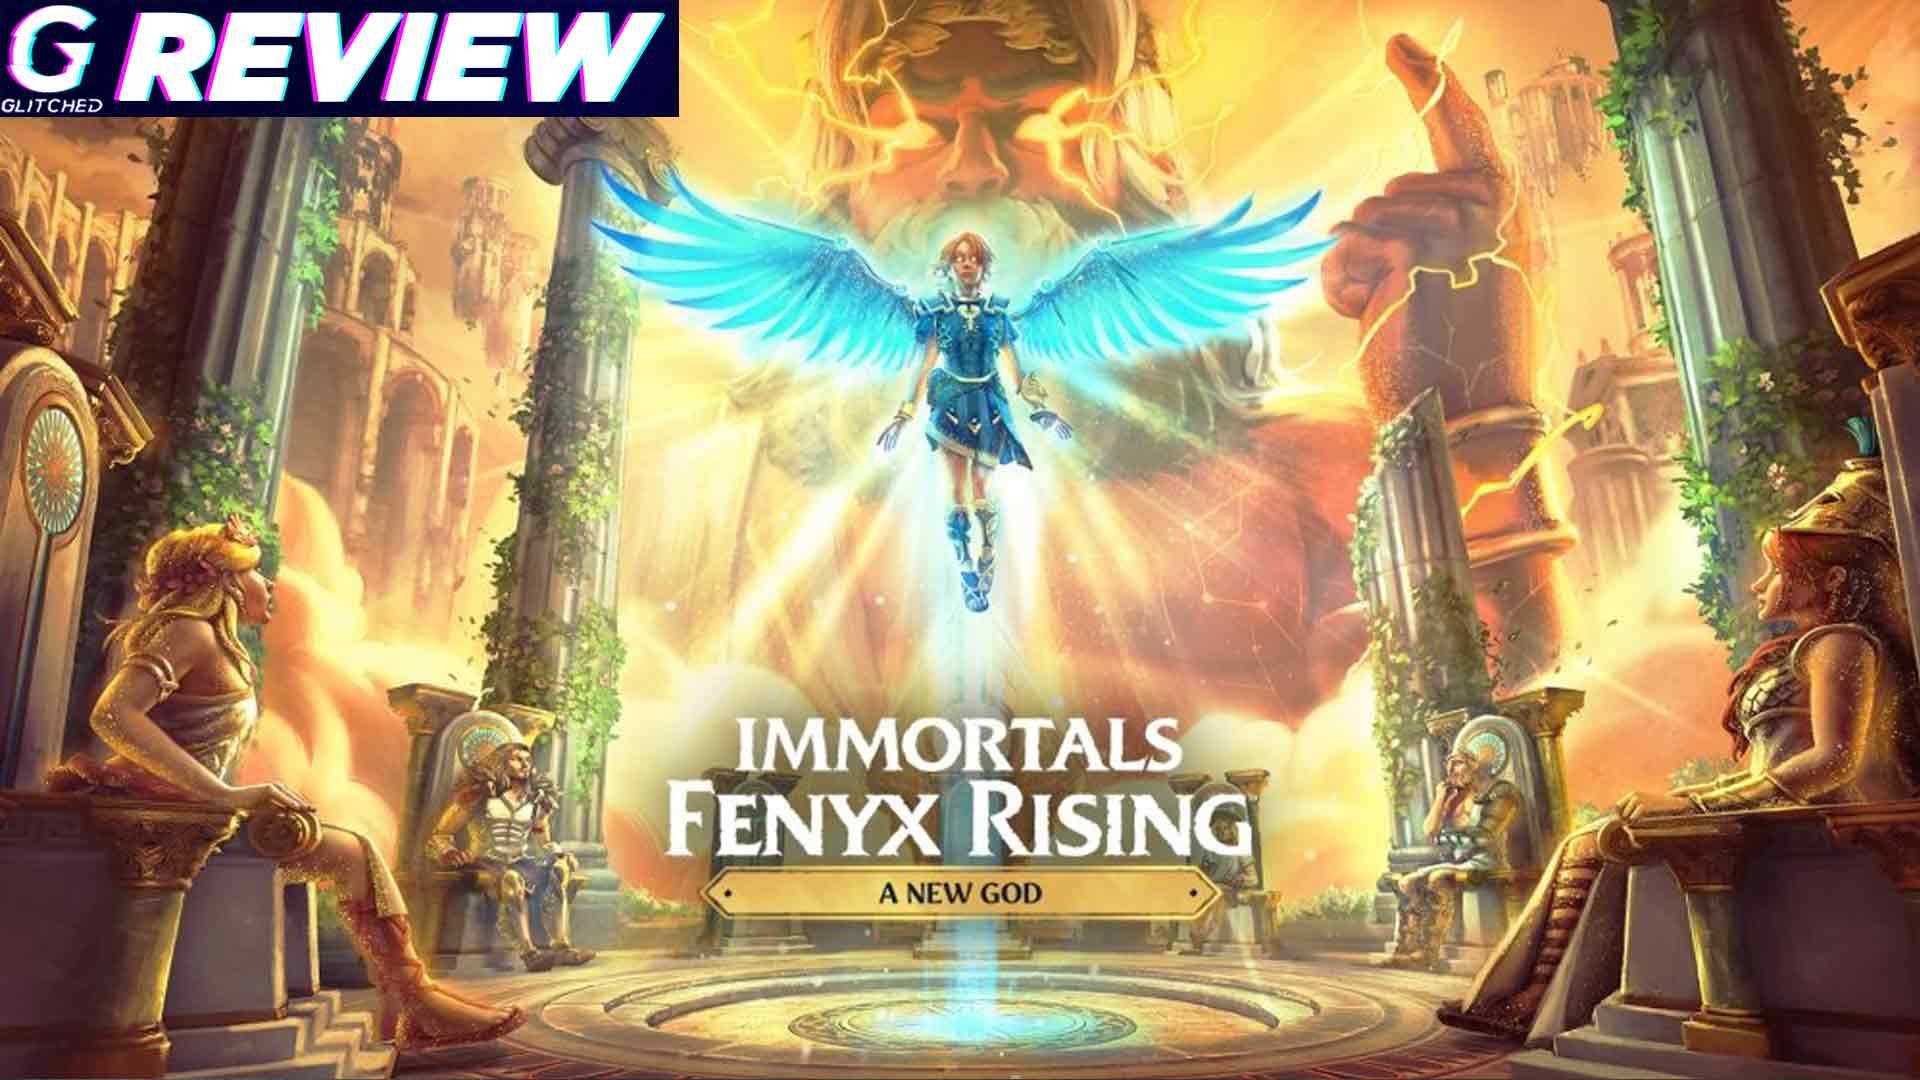 Immortals: Fenyx Rising - A New God Review